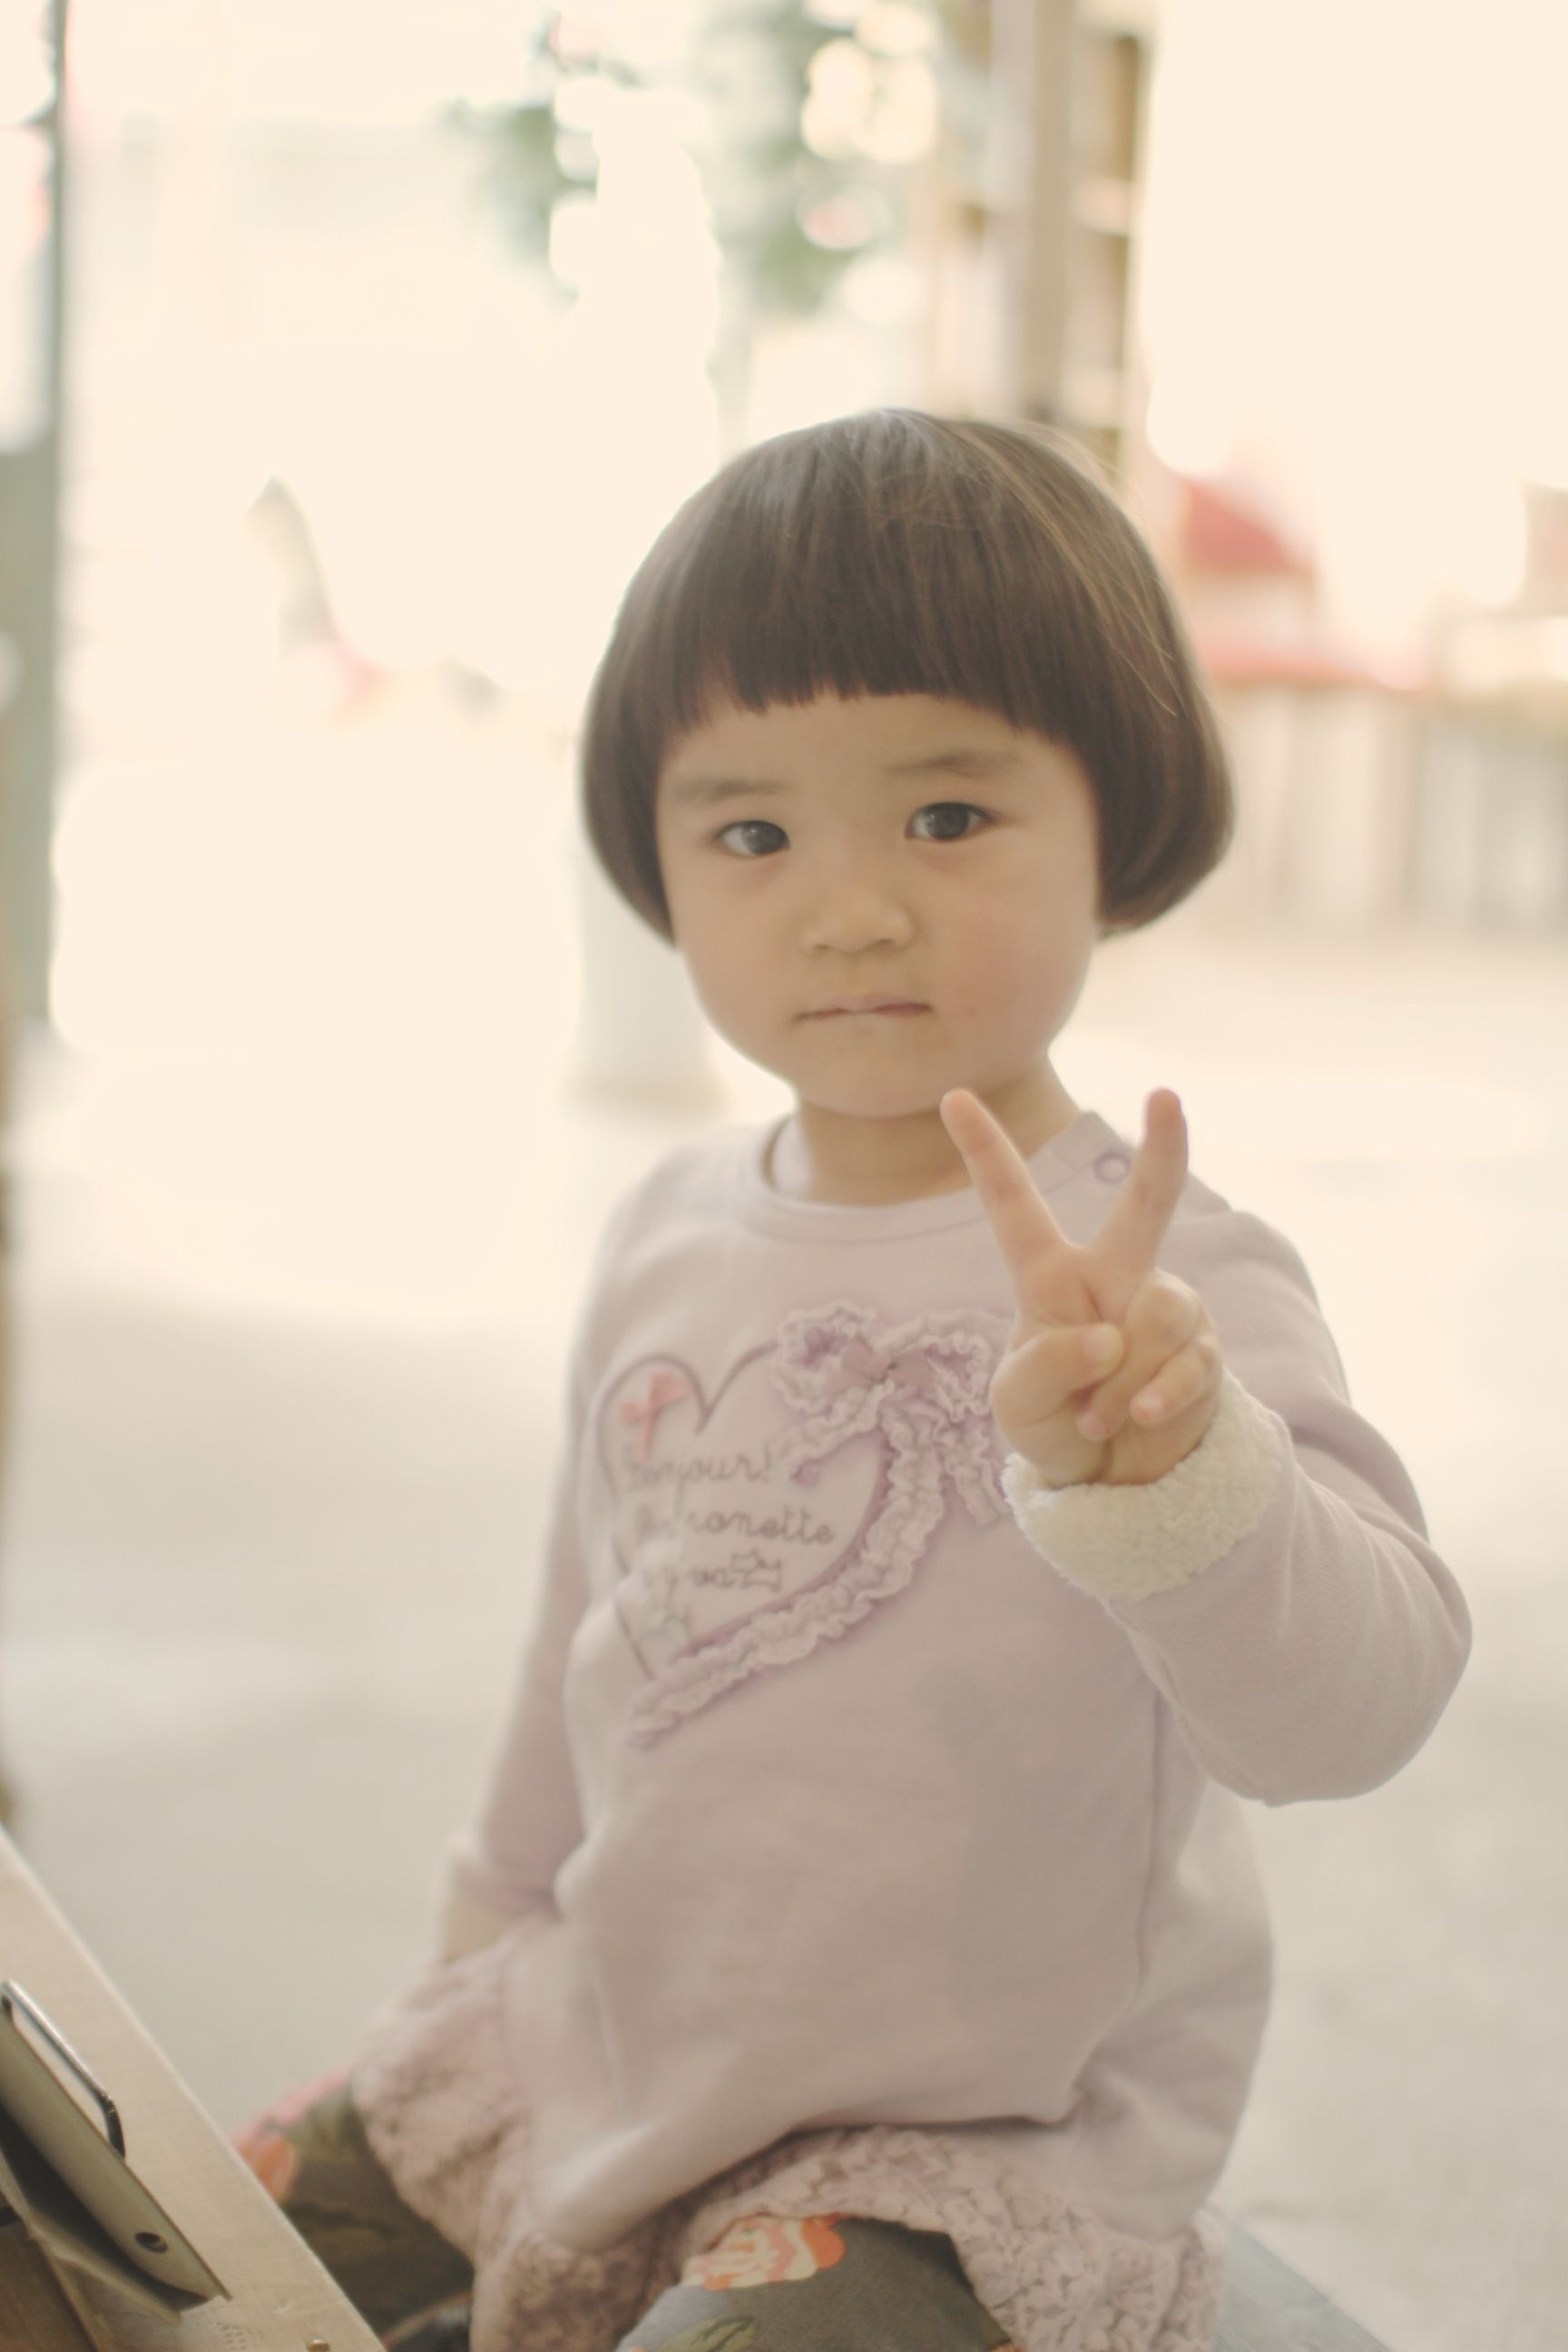 ショートマッシュ 女の子イメージ2 子供髪型 女の子 赤ちゃんの髪